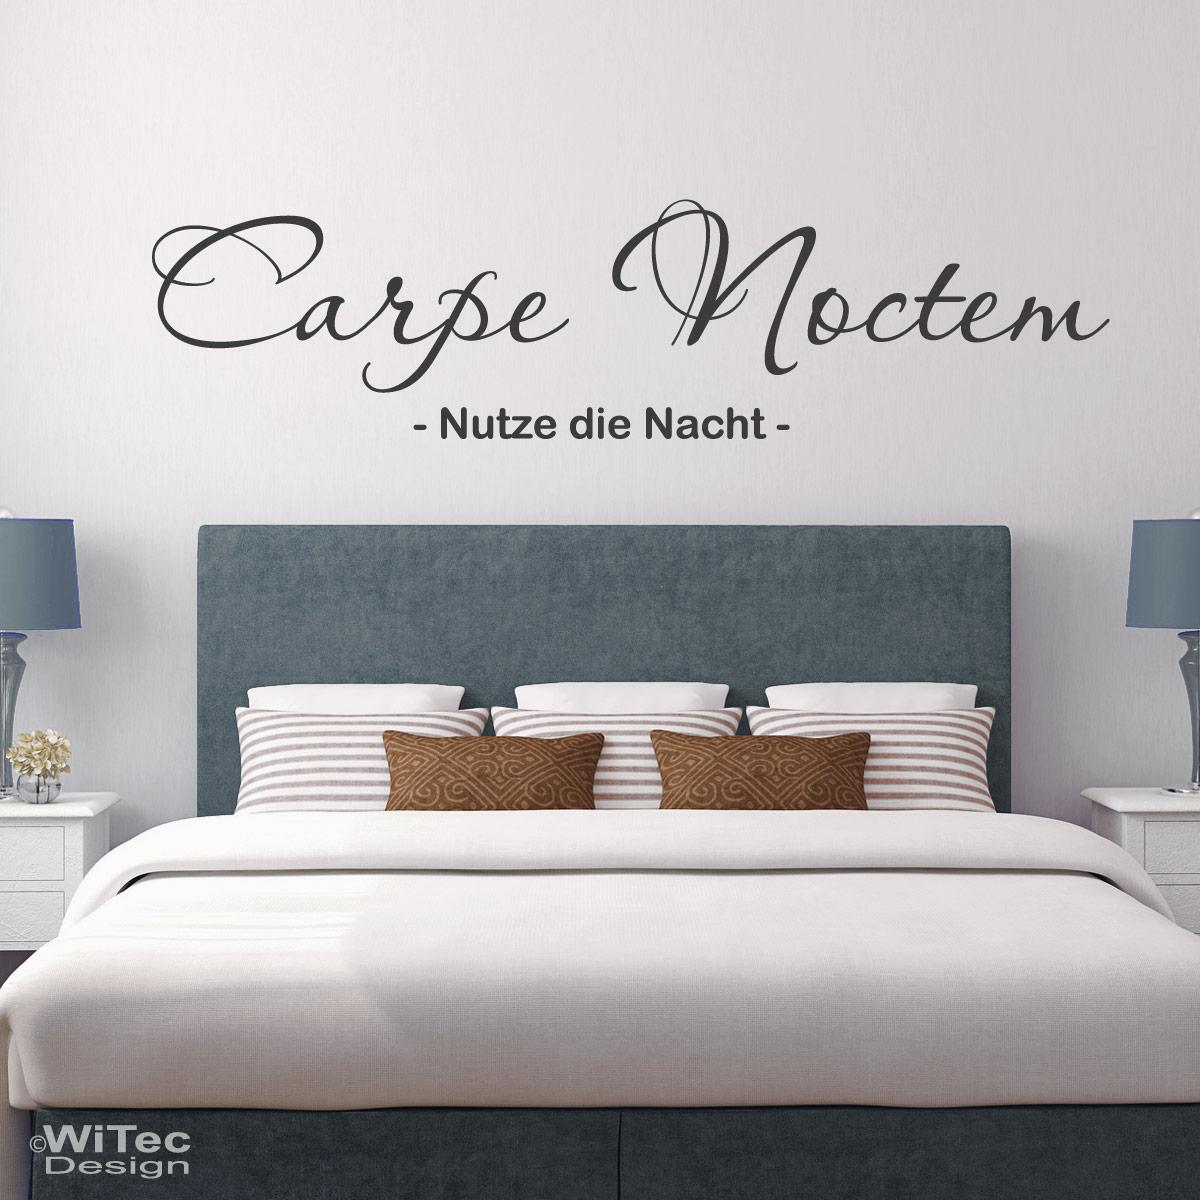 Wandtattoo Carpe Noctem : wandtattoo carpe noctem nutze die nacht ~ Sanjose-hotels-ca.com Haus und Dekorationen